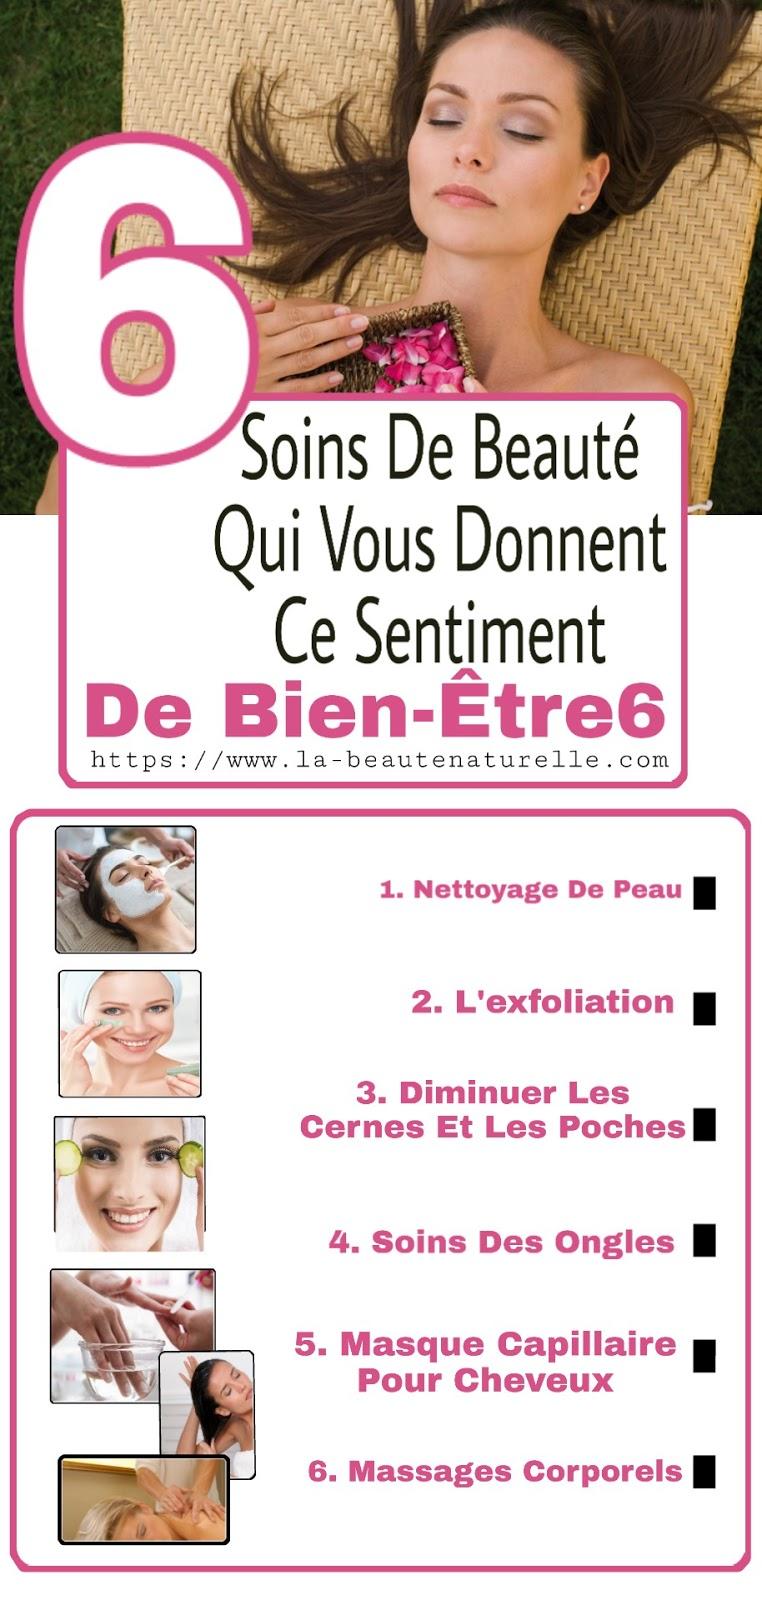 6 Soins De Beauté Qui Vous Donnent Ce Sentiment De Bien-Être6